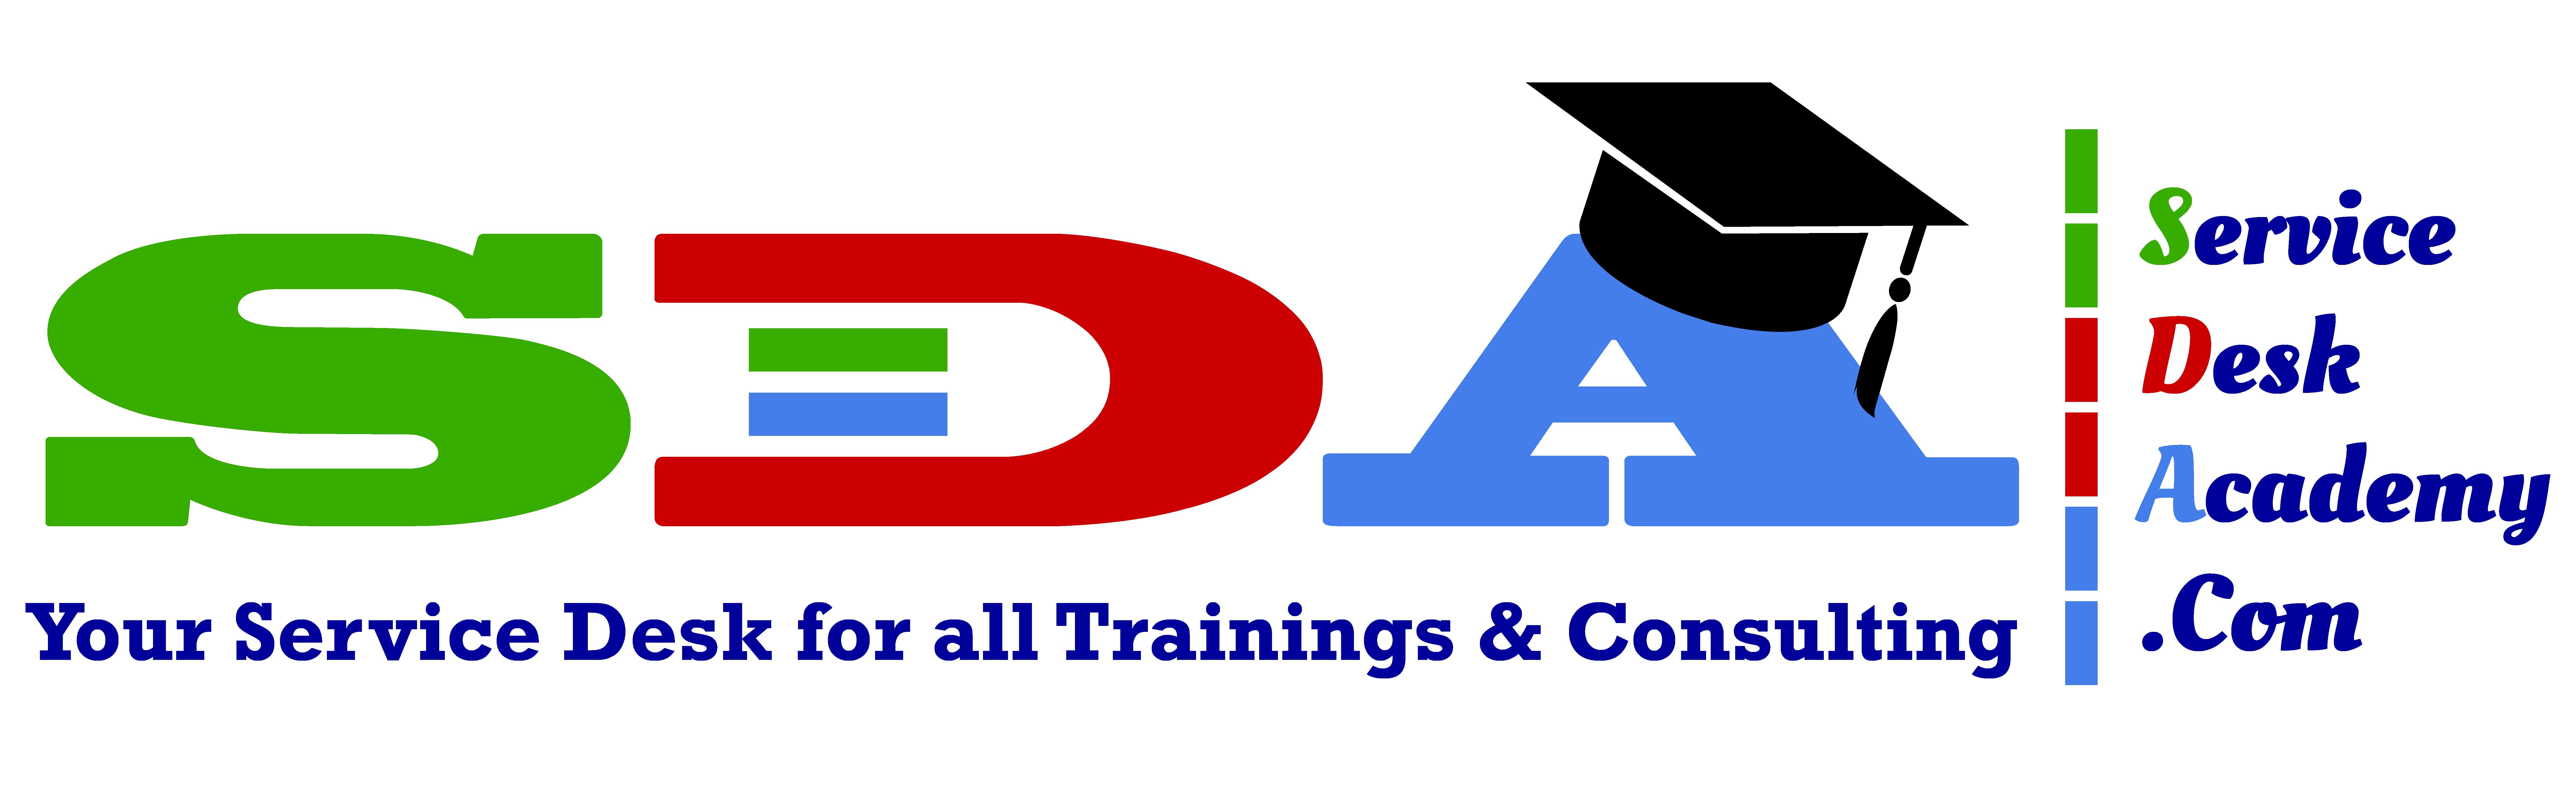 ServiceDesk Academy (SDA)